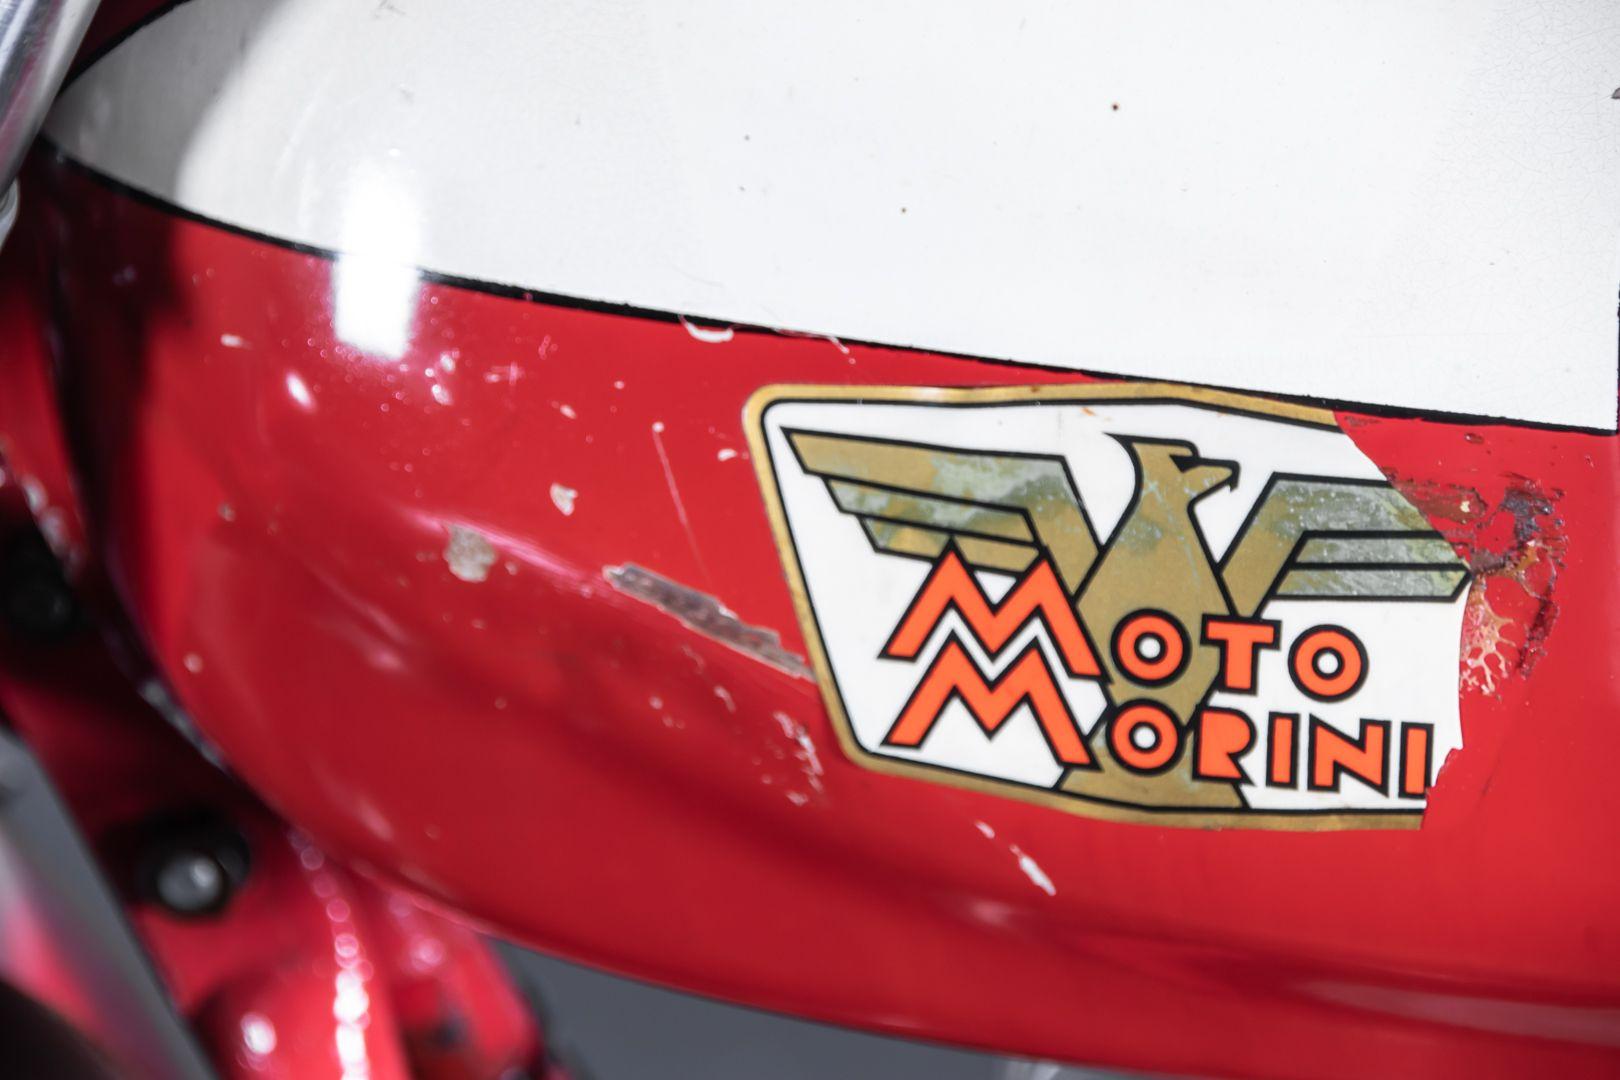 1968 Moto Morini Corsaro Regolarità 150 75927